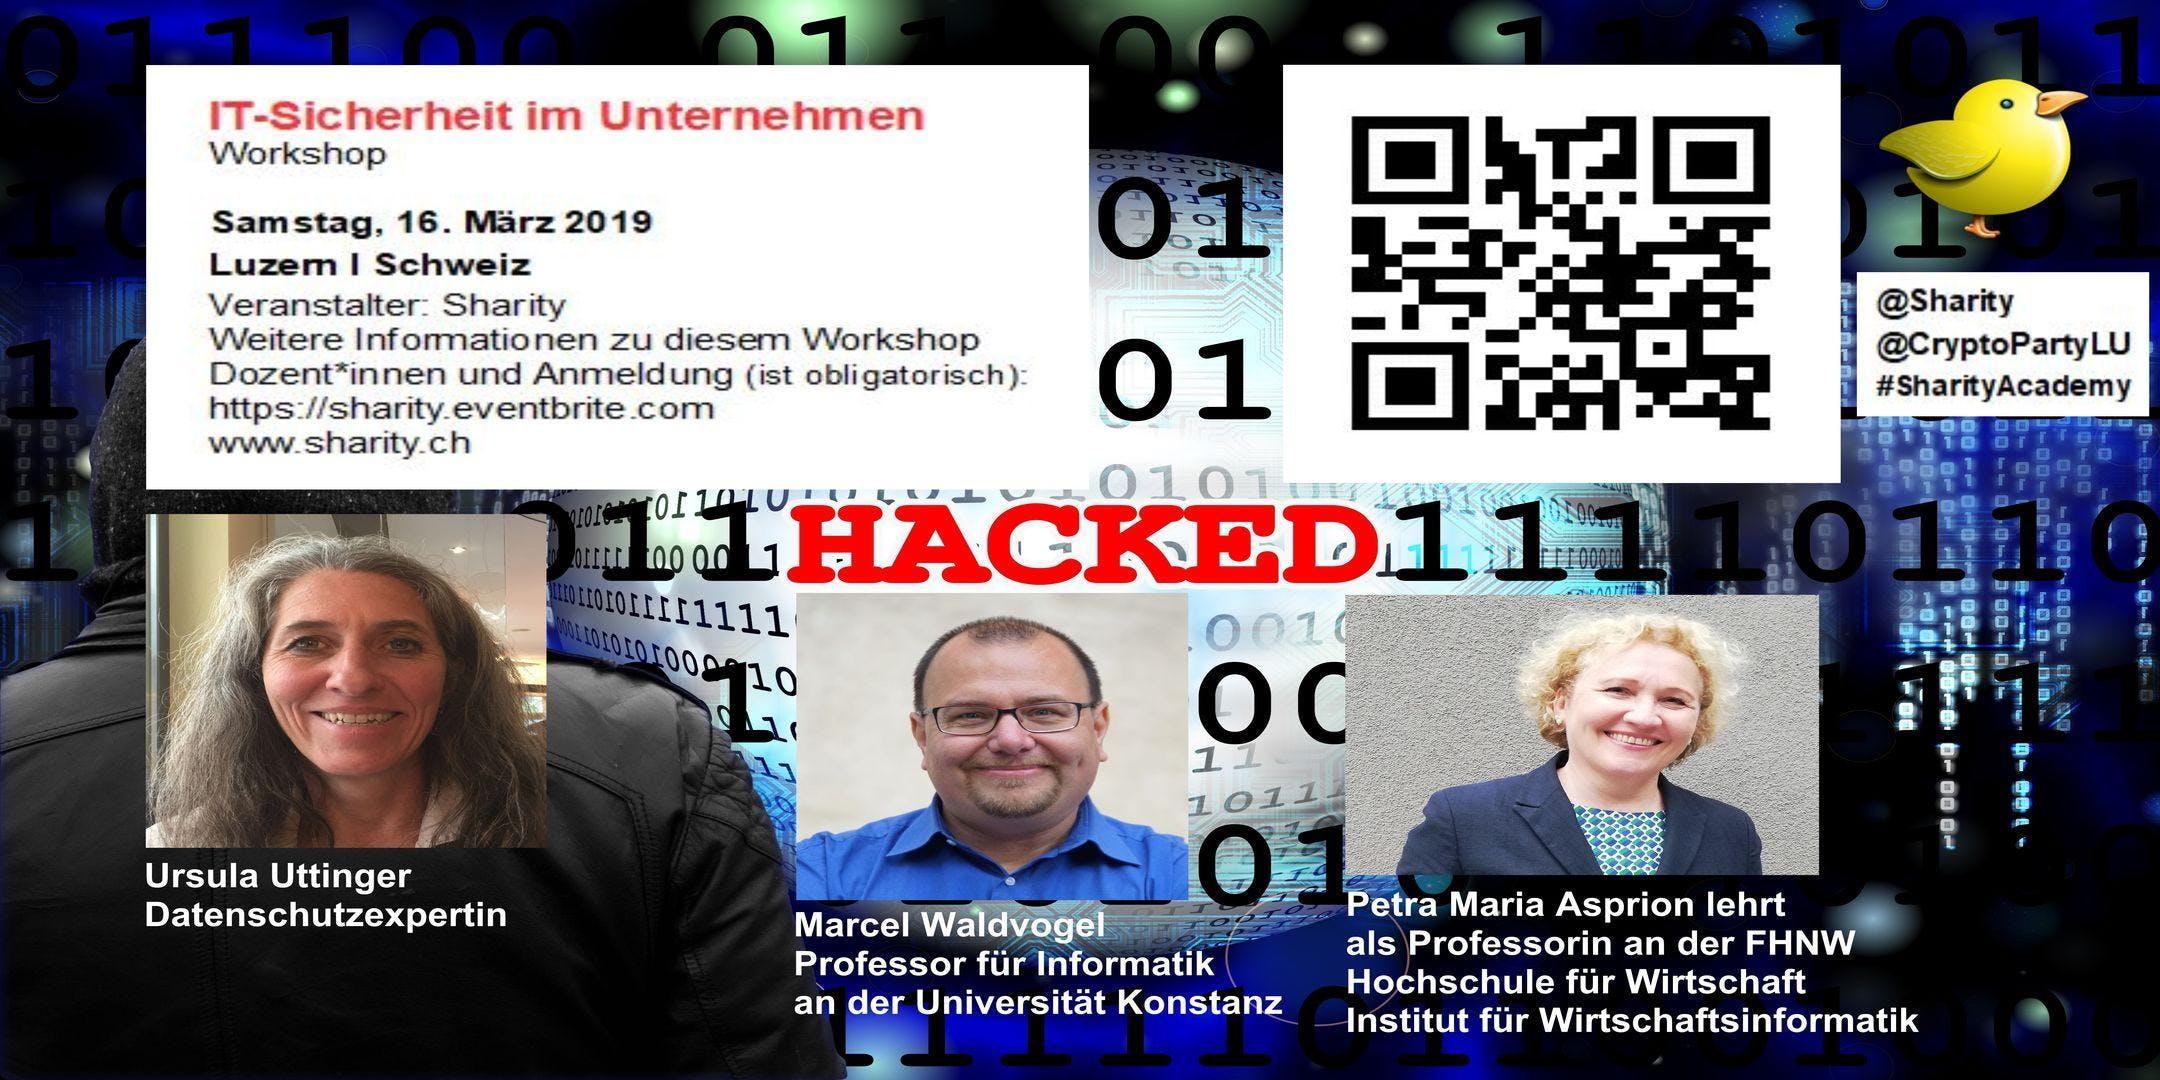 IT-Sicherheit im Unternehmen I Workshop